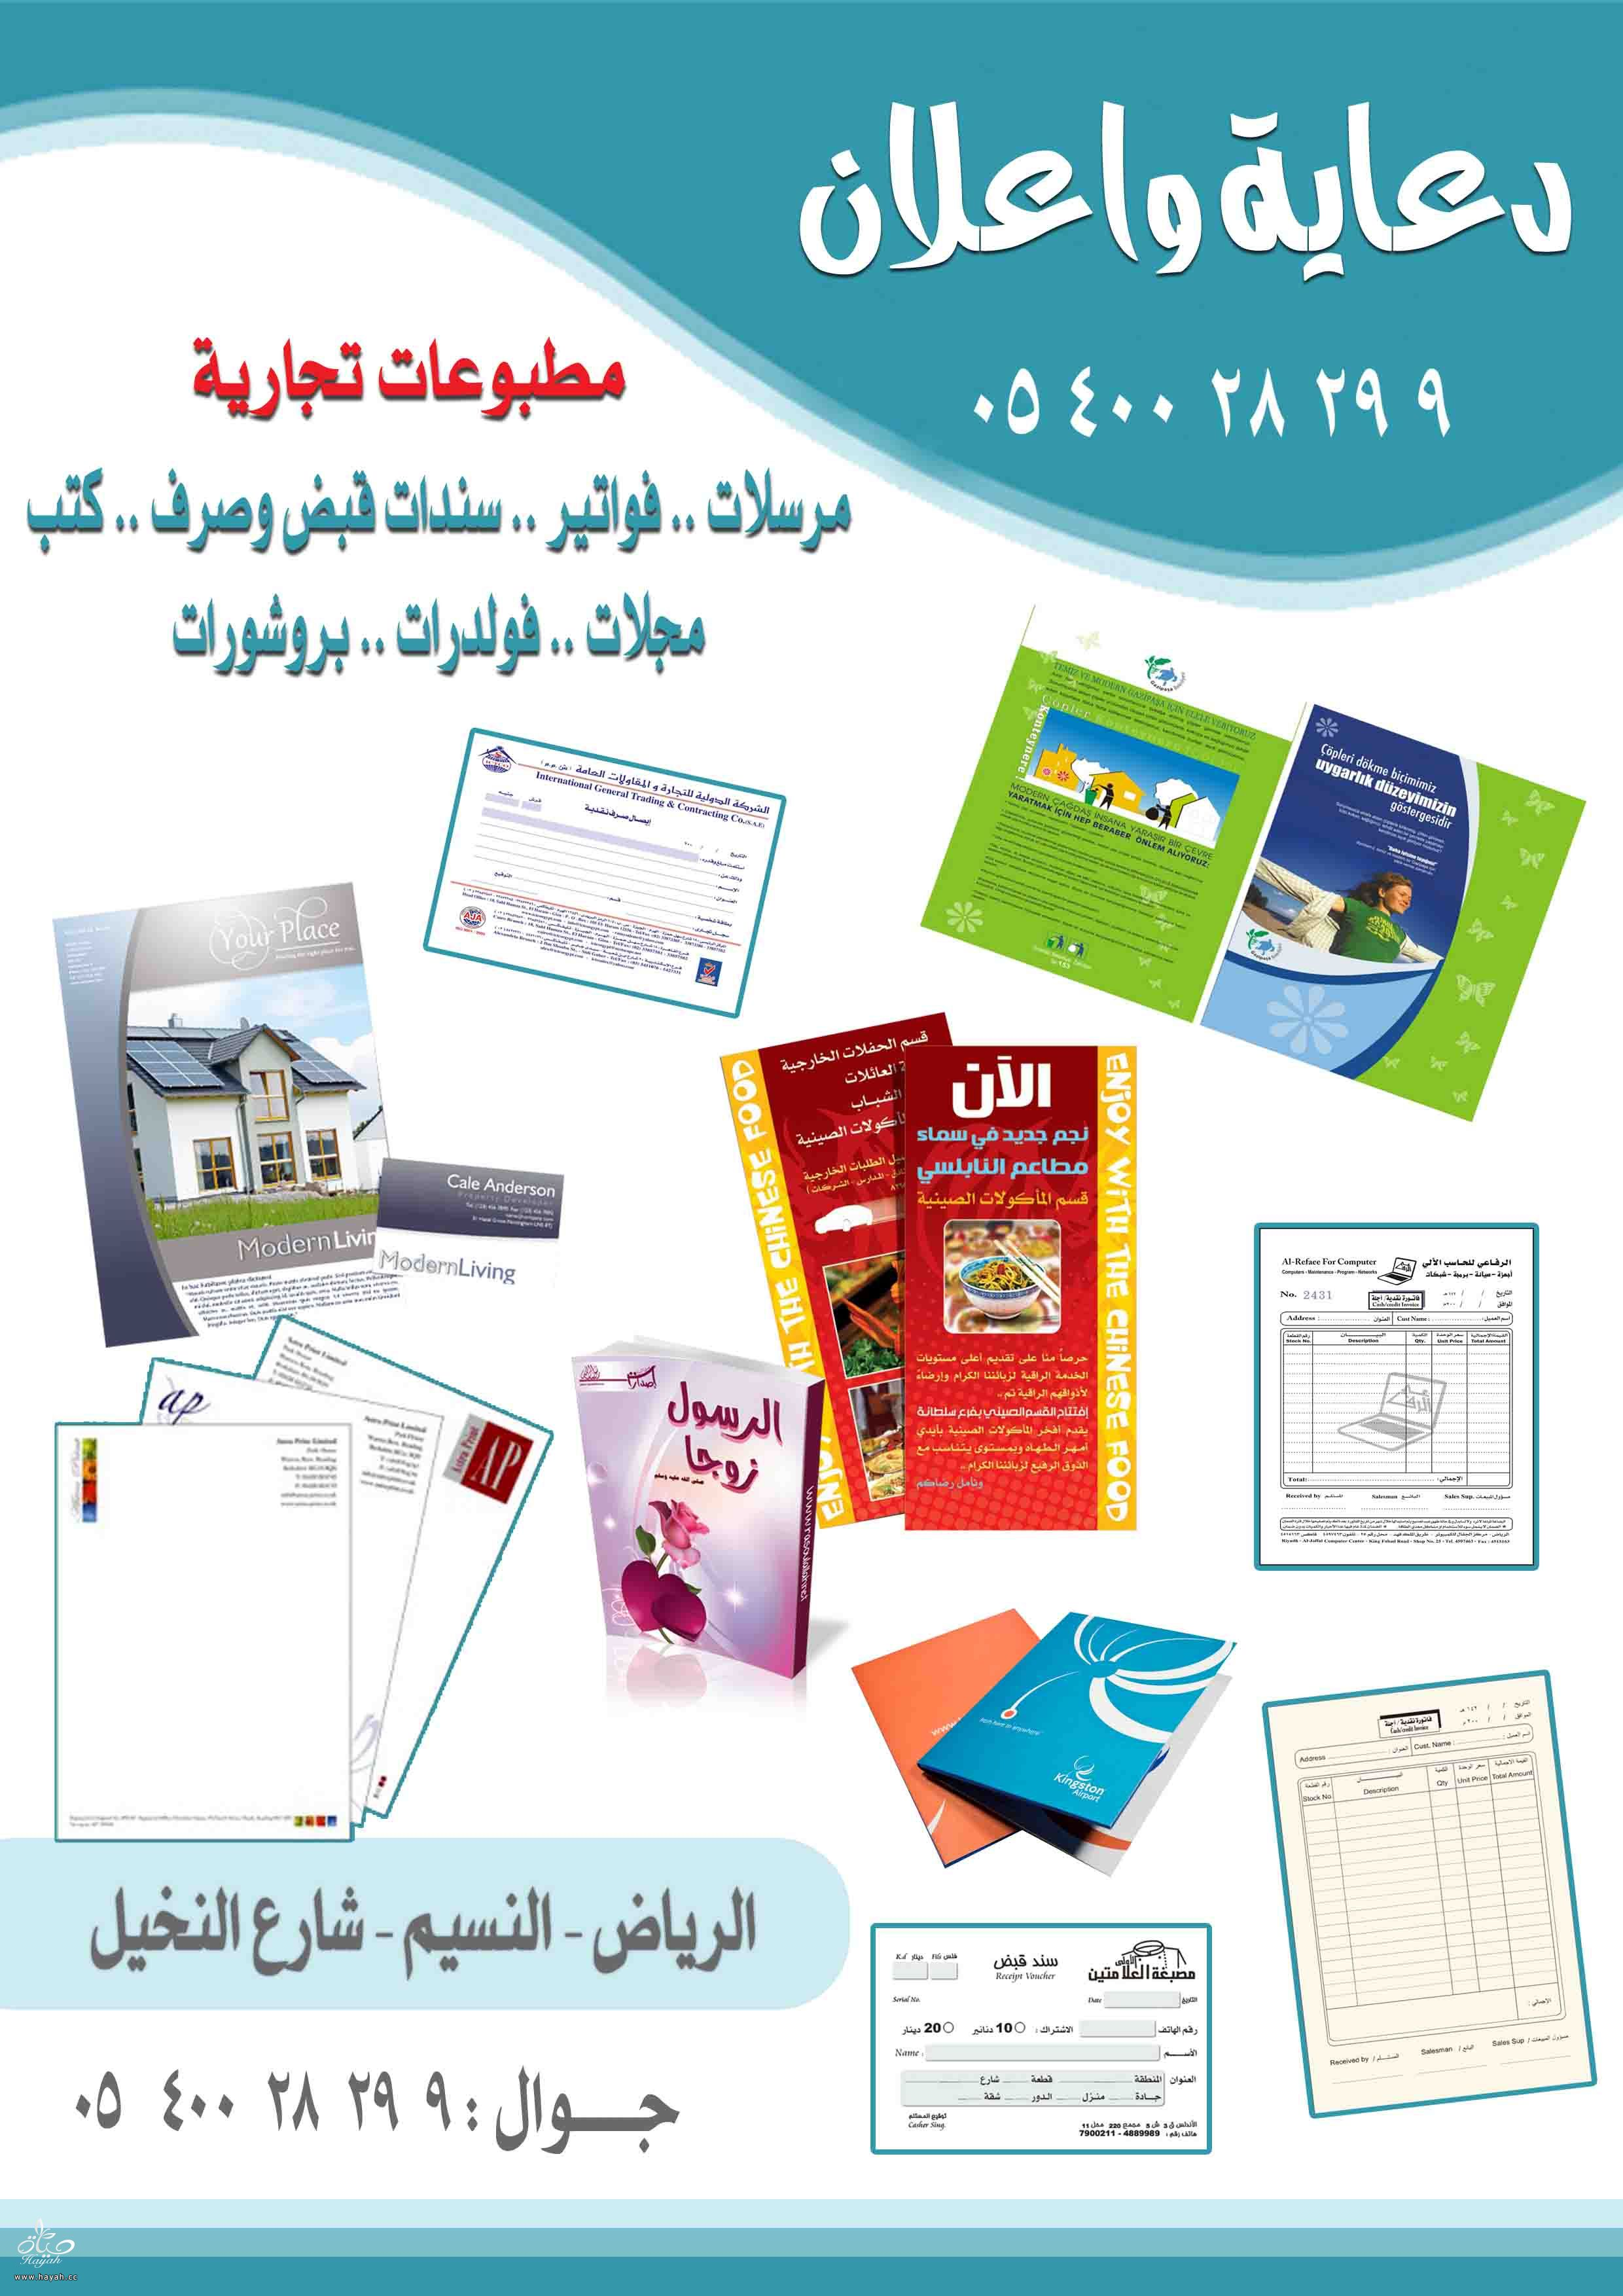 مطبوعات تجارية / مطبوعات سندات / مطبوعات فواتير / مطبوعات بروشورات / مطبوعات  فولدرات hayahcc_1453279080_777.jpg